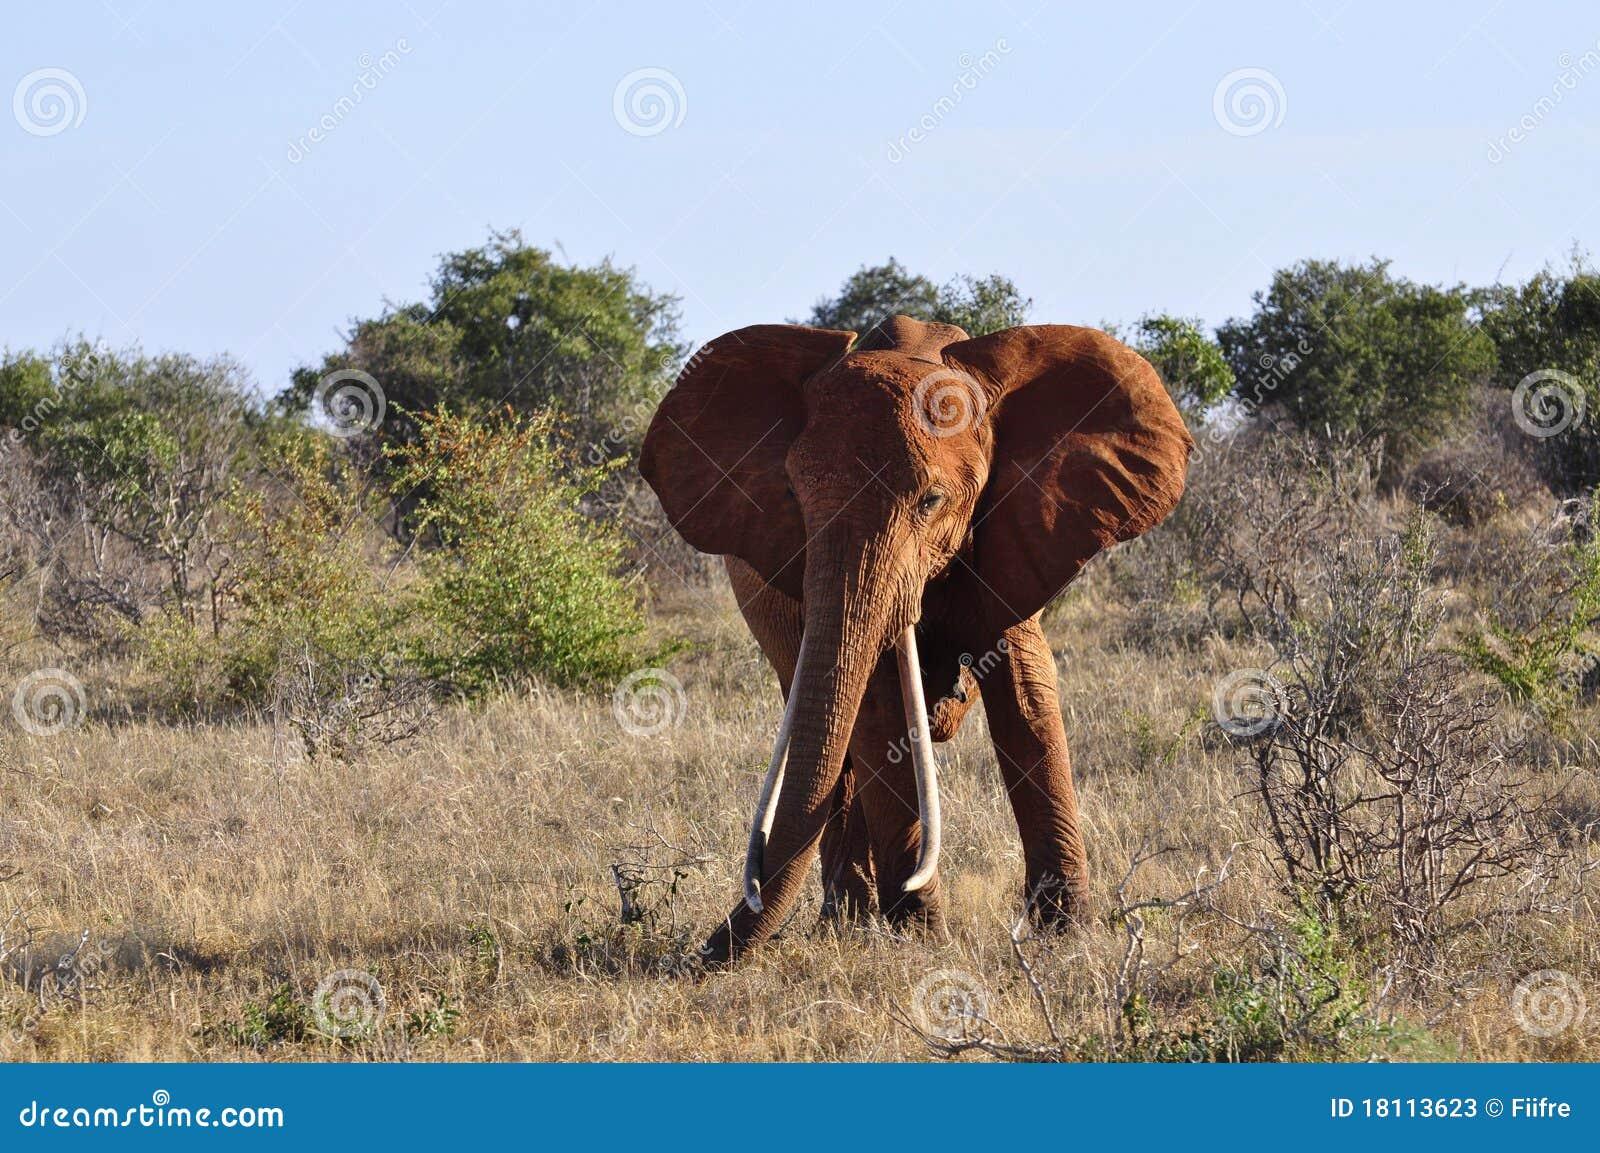 Elefant Afrika Stockbild Bild Von Grün Bettwäsche Elefanten